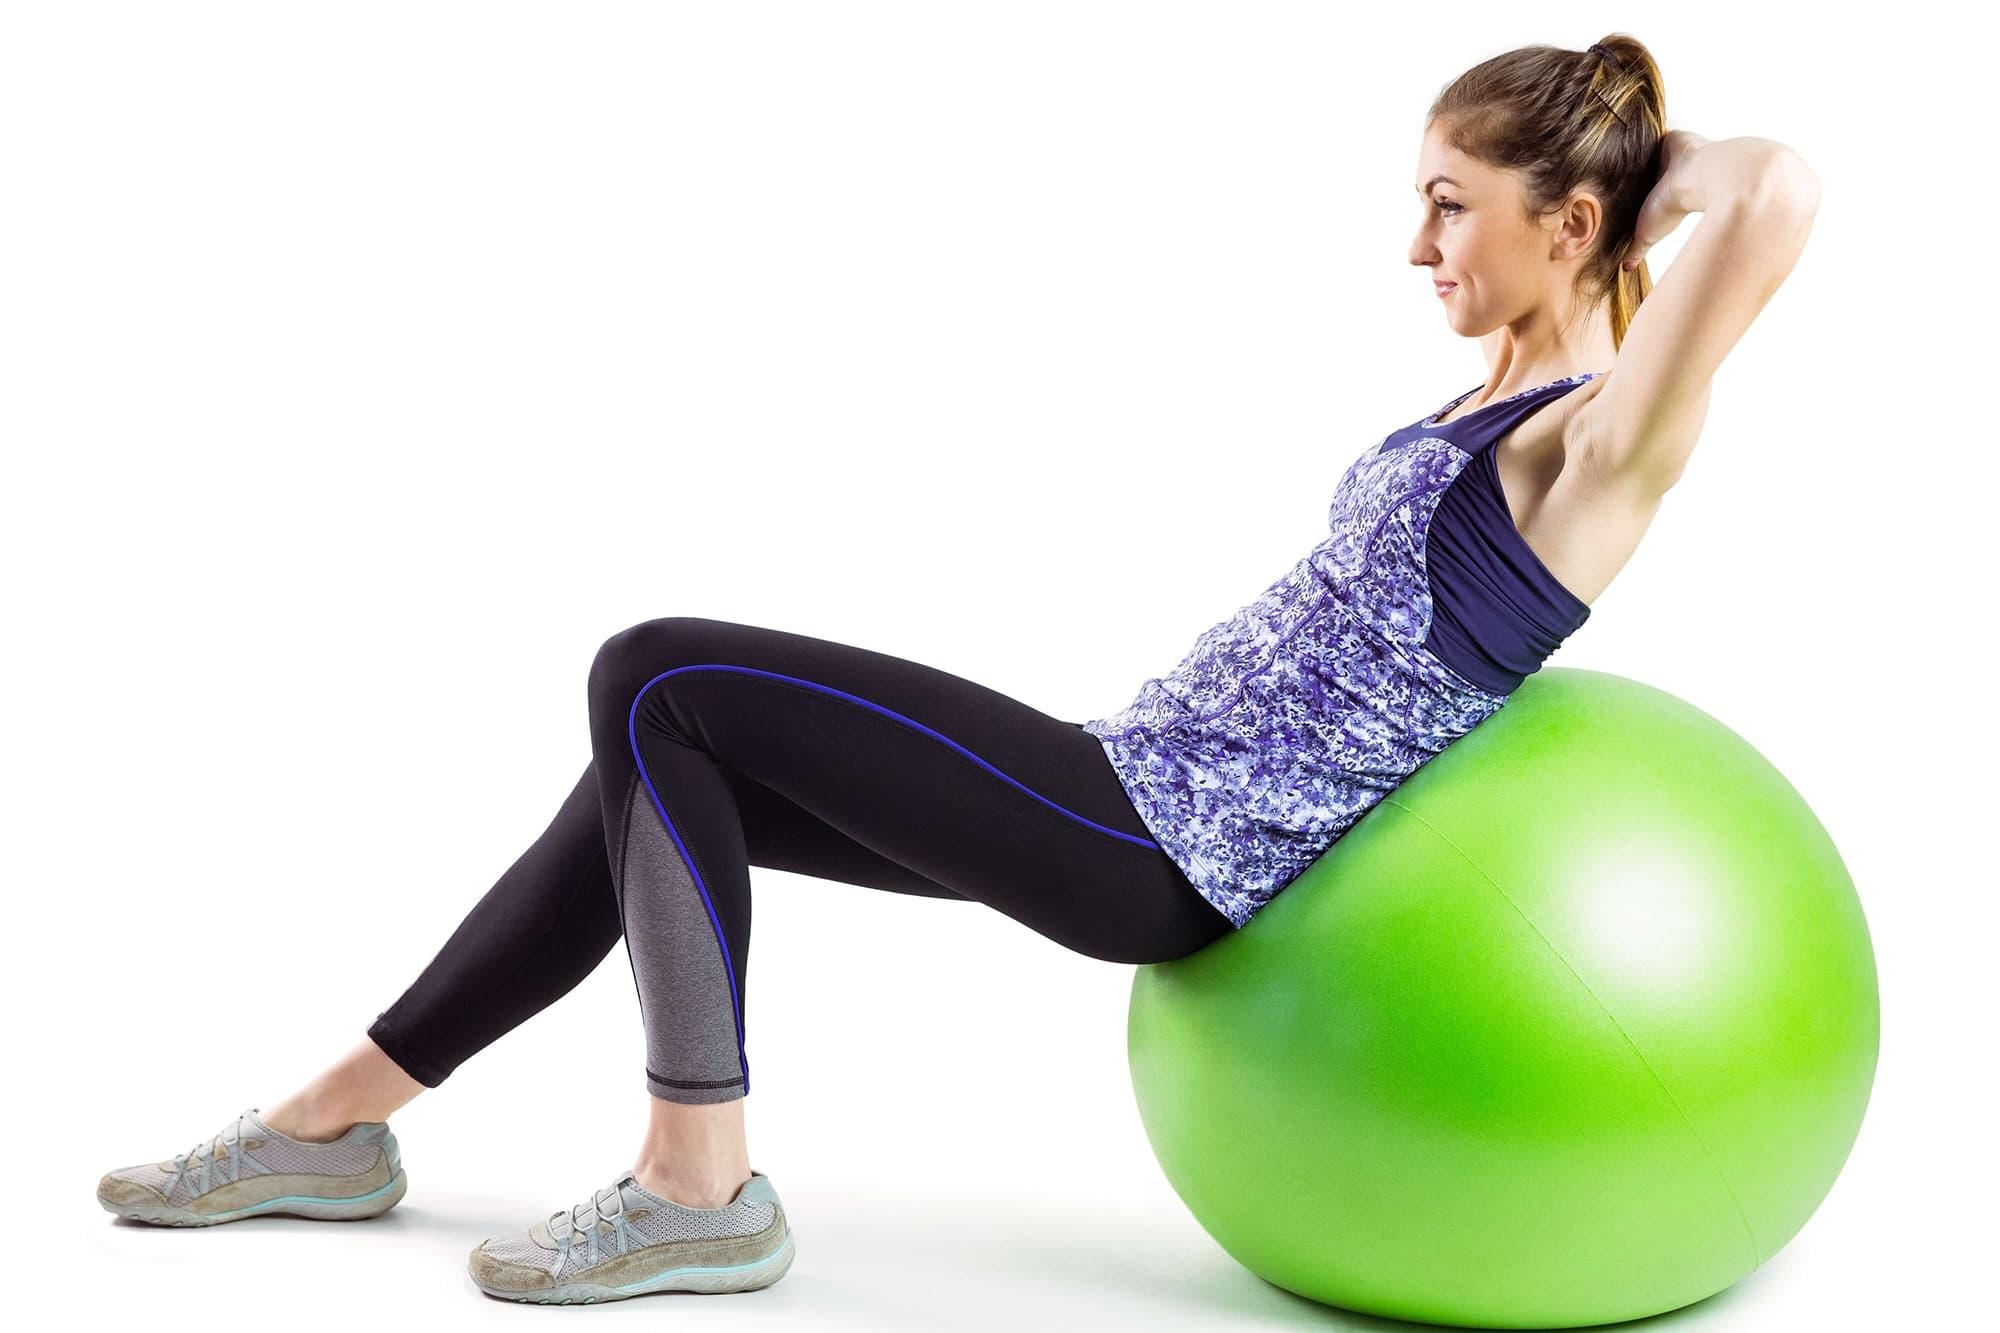 バランスボールでトレーニングする女性